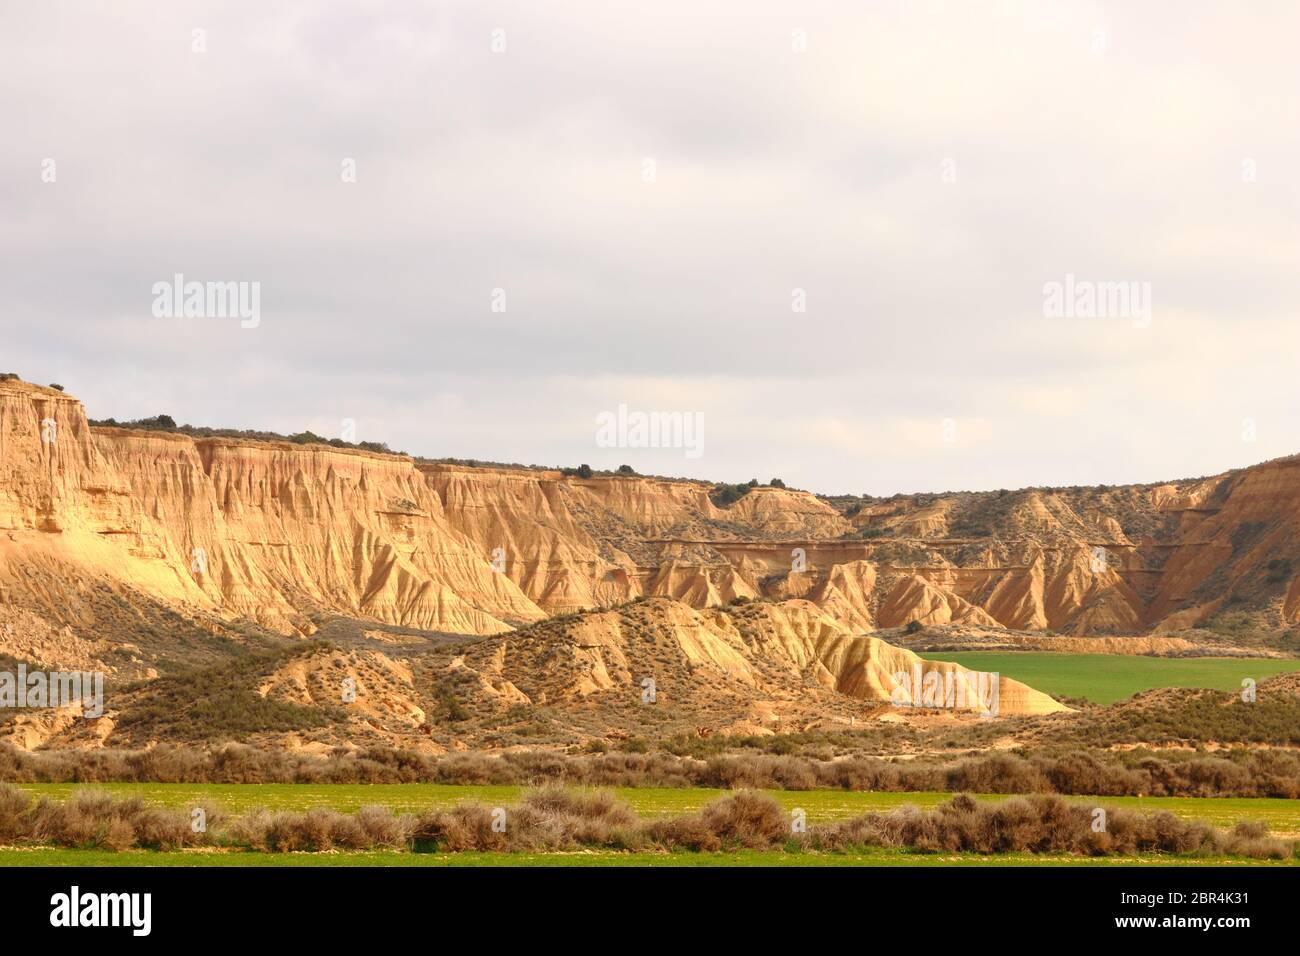 Markante Landformen und Erosionskomplätze in der halbwüstenigen Naturregion Bardenas Reales, UNESCO Biosphärenreservat, Navarra, Spanien Stockfoto